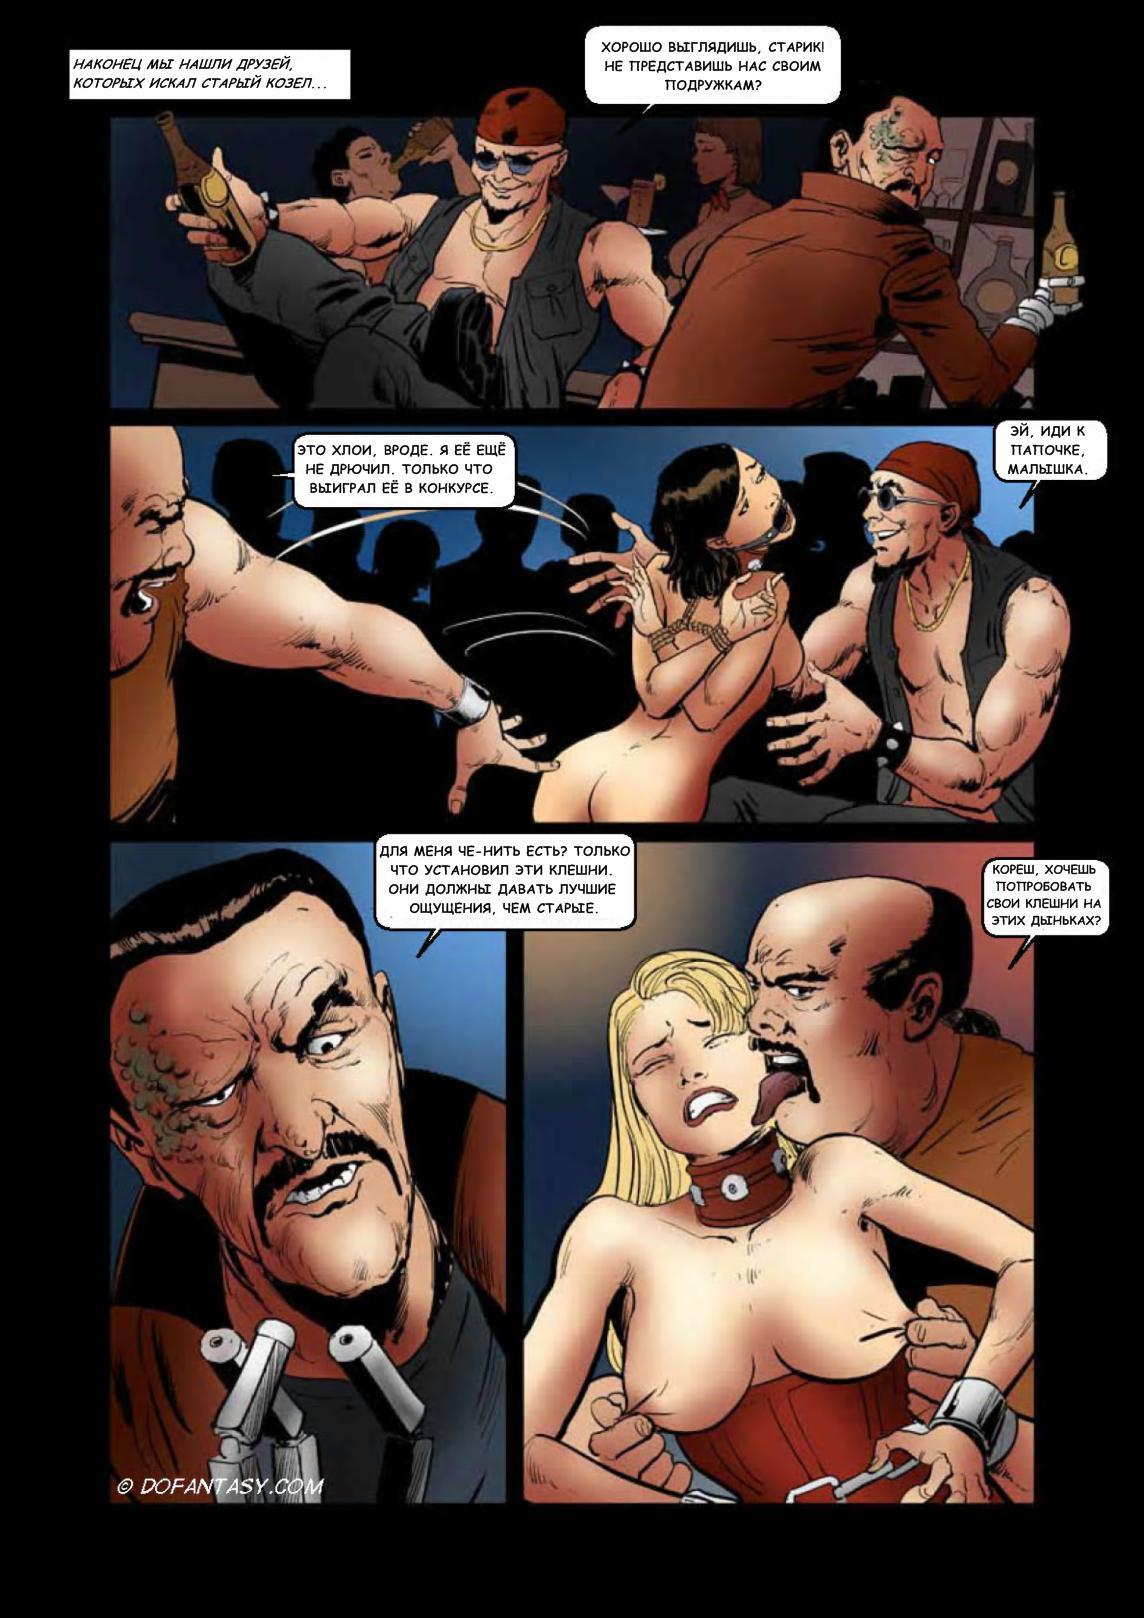 Самые дикие оргии от Фернандо, ххх комикс » Рабыня в руках ...